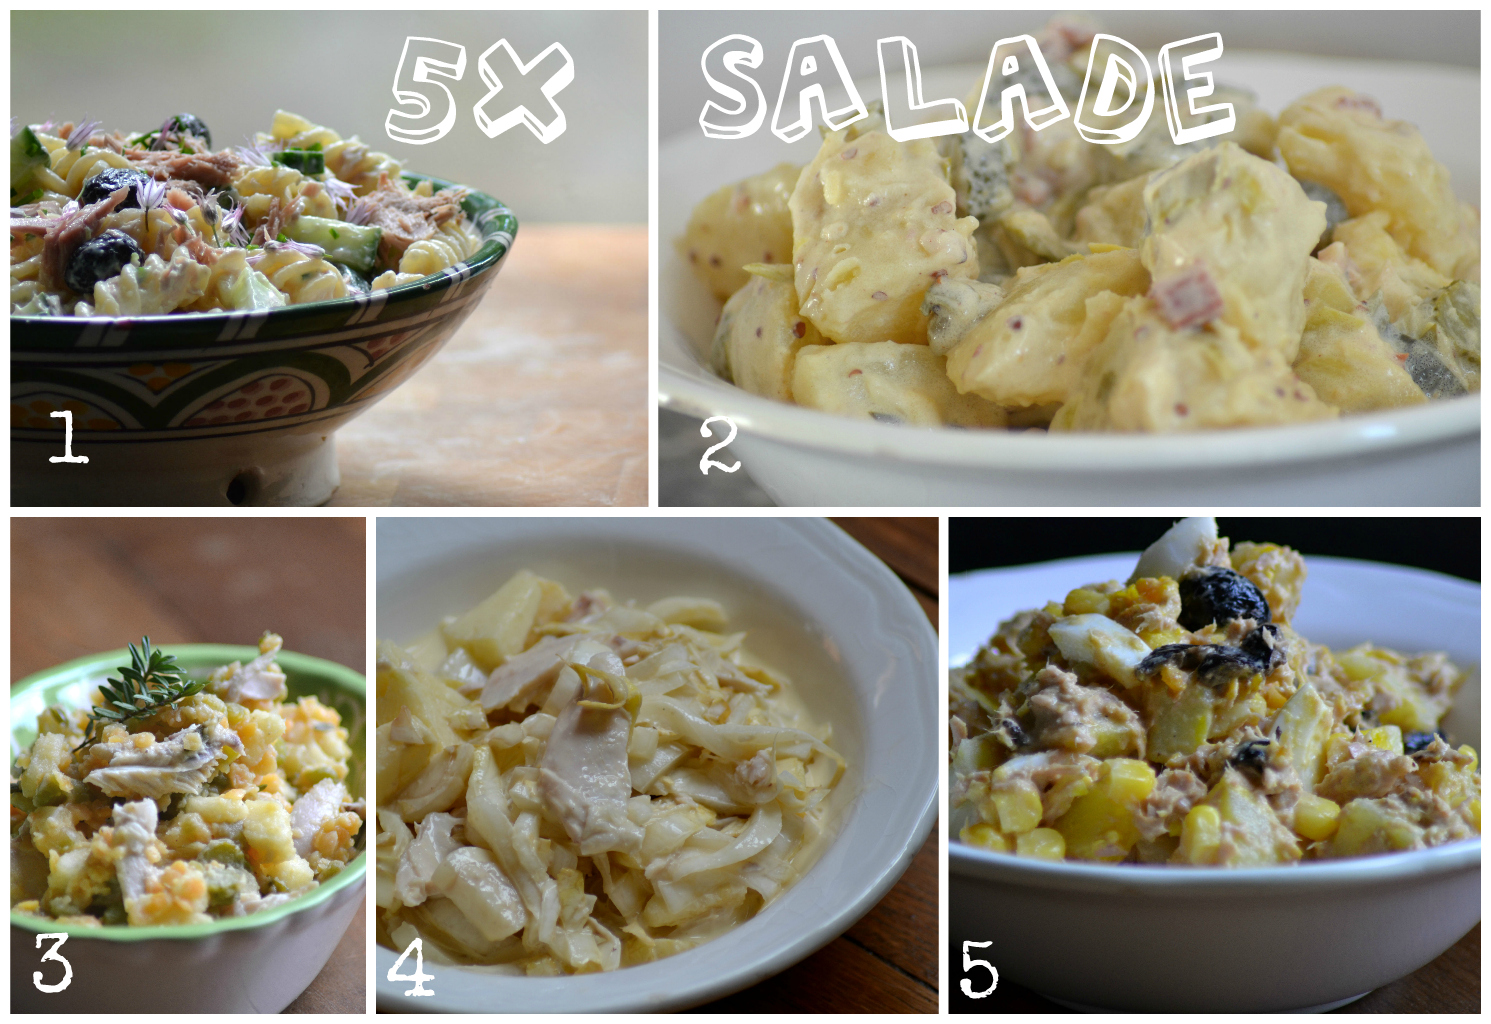 Op zoek naar inspiratie voor een lekkere salade? Wij hebben vijf suggesties voor je.